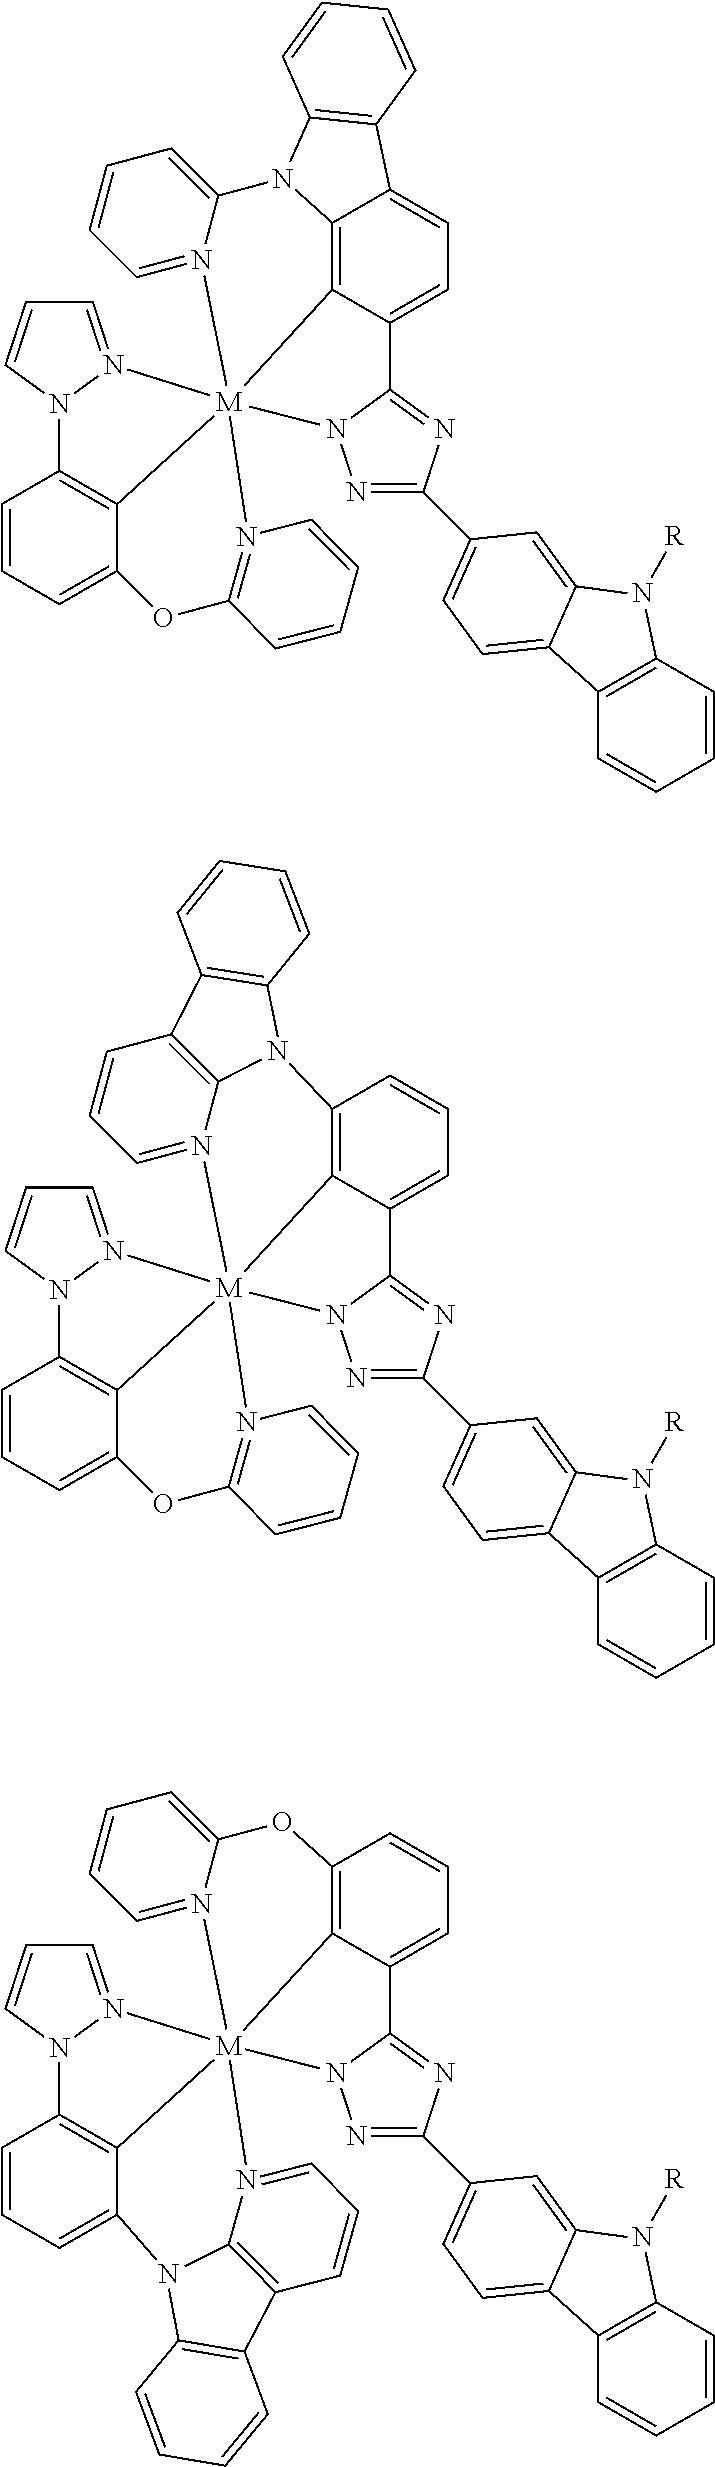 Figure US09818959-20171114-C00346